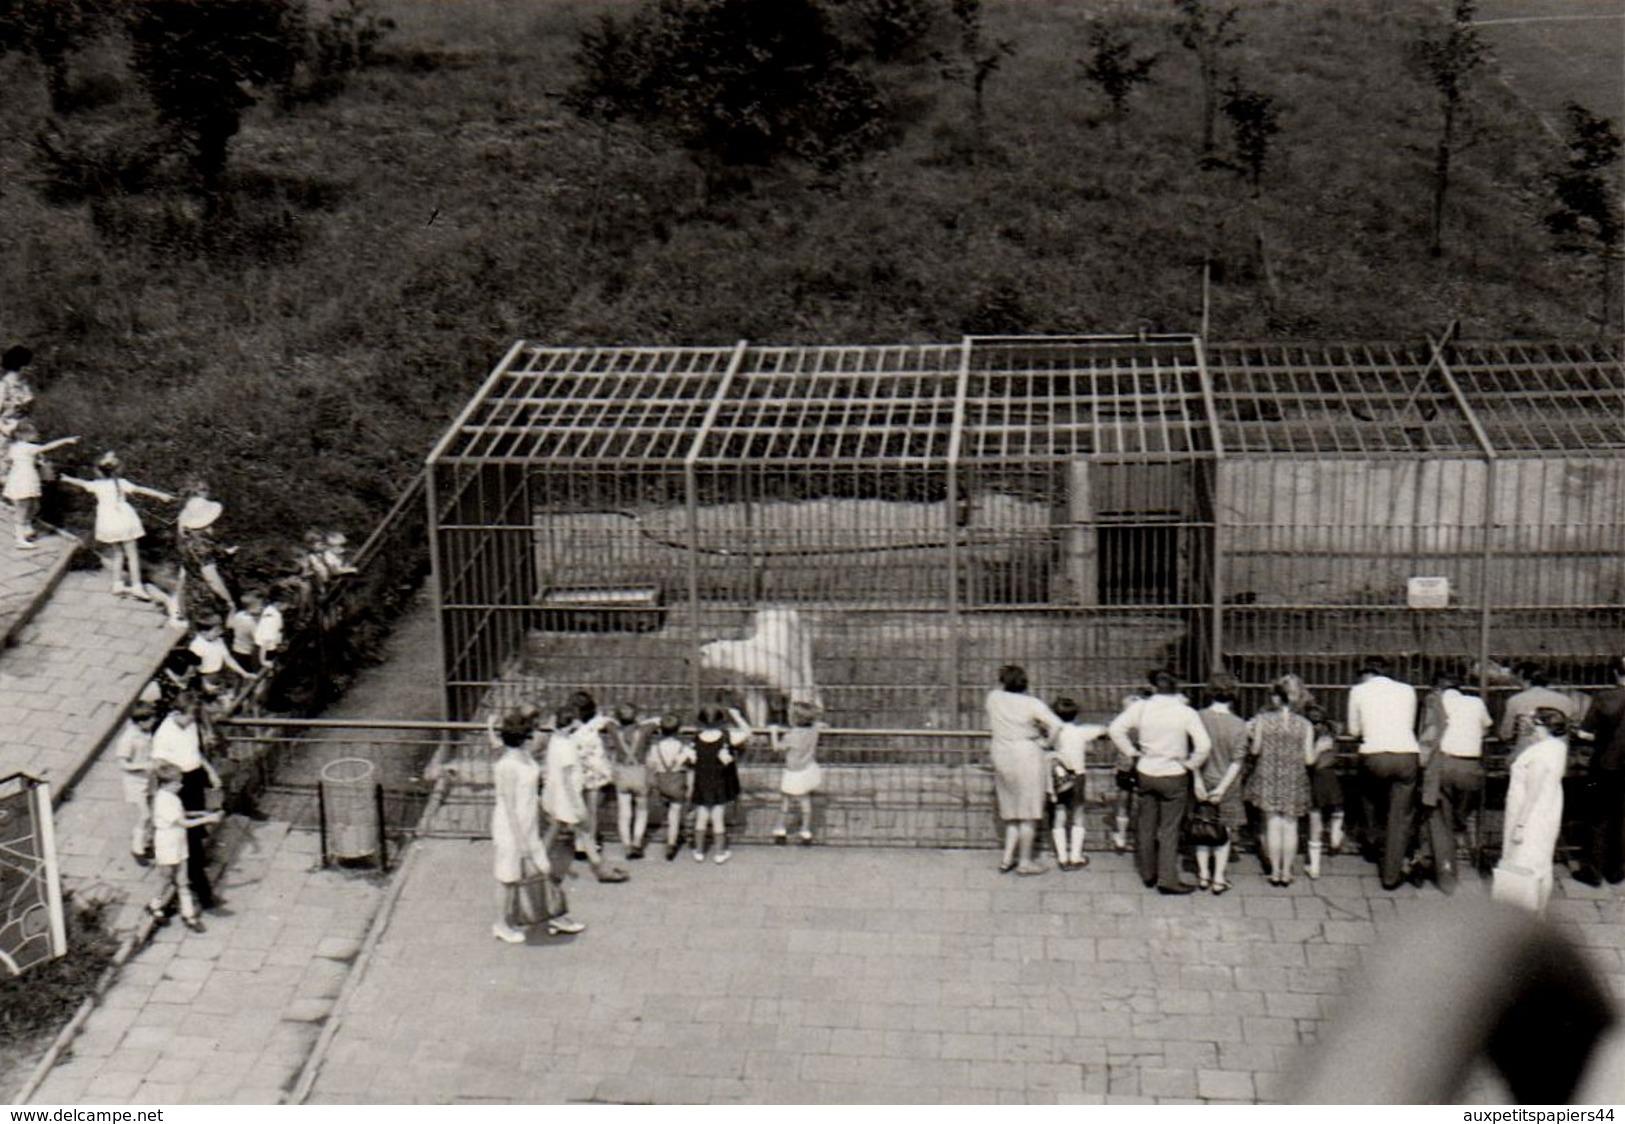 Photo Originale Zoo - L'enclos Des Ours Polaires, Ours Blancs, Eisbär & Visiteurs - Animaux Polaires En 1969 - Anonyme Personen